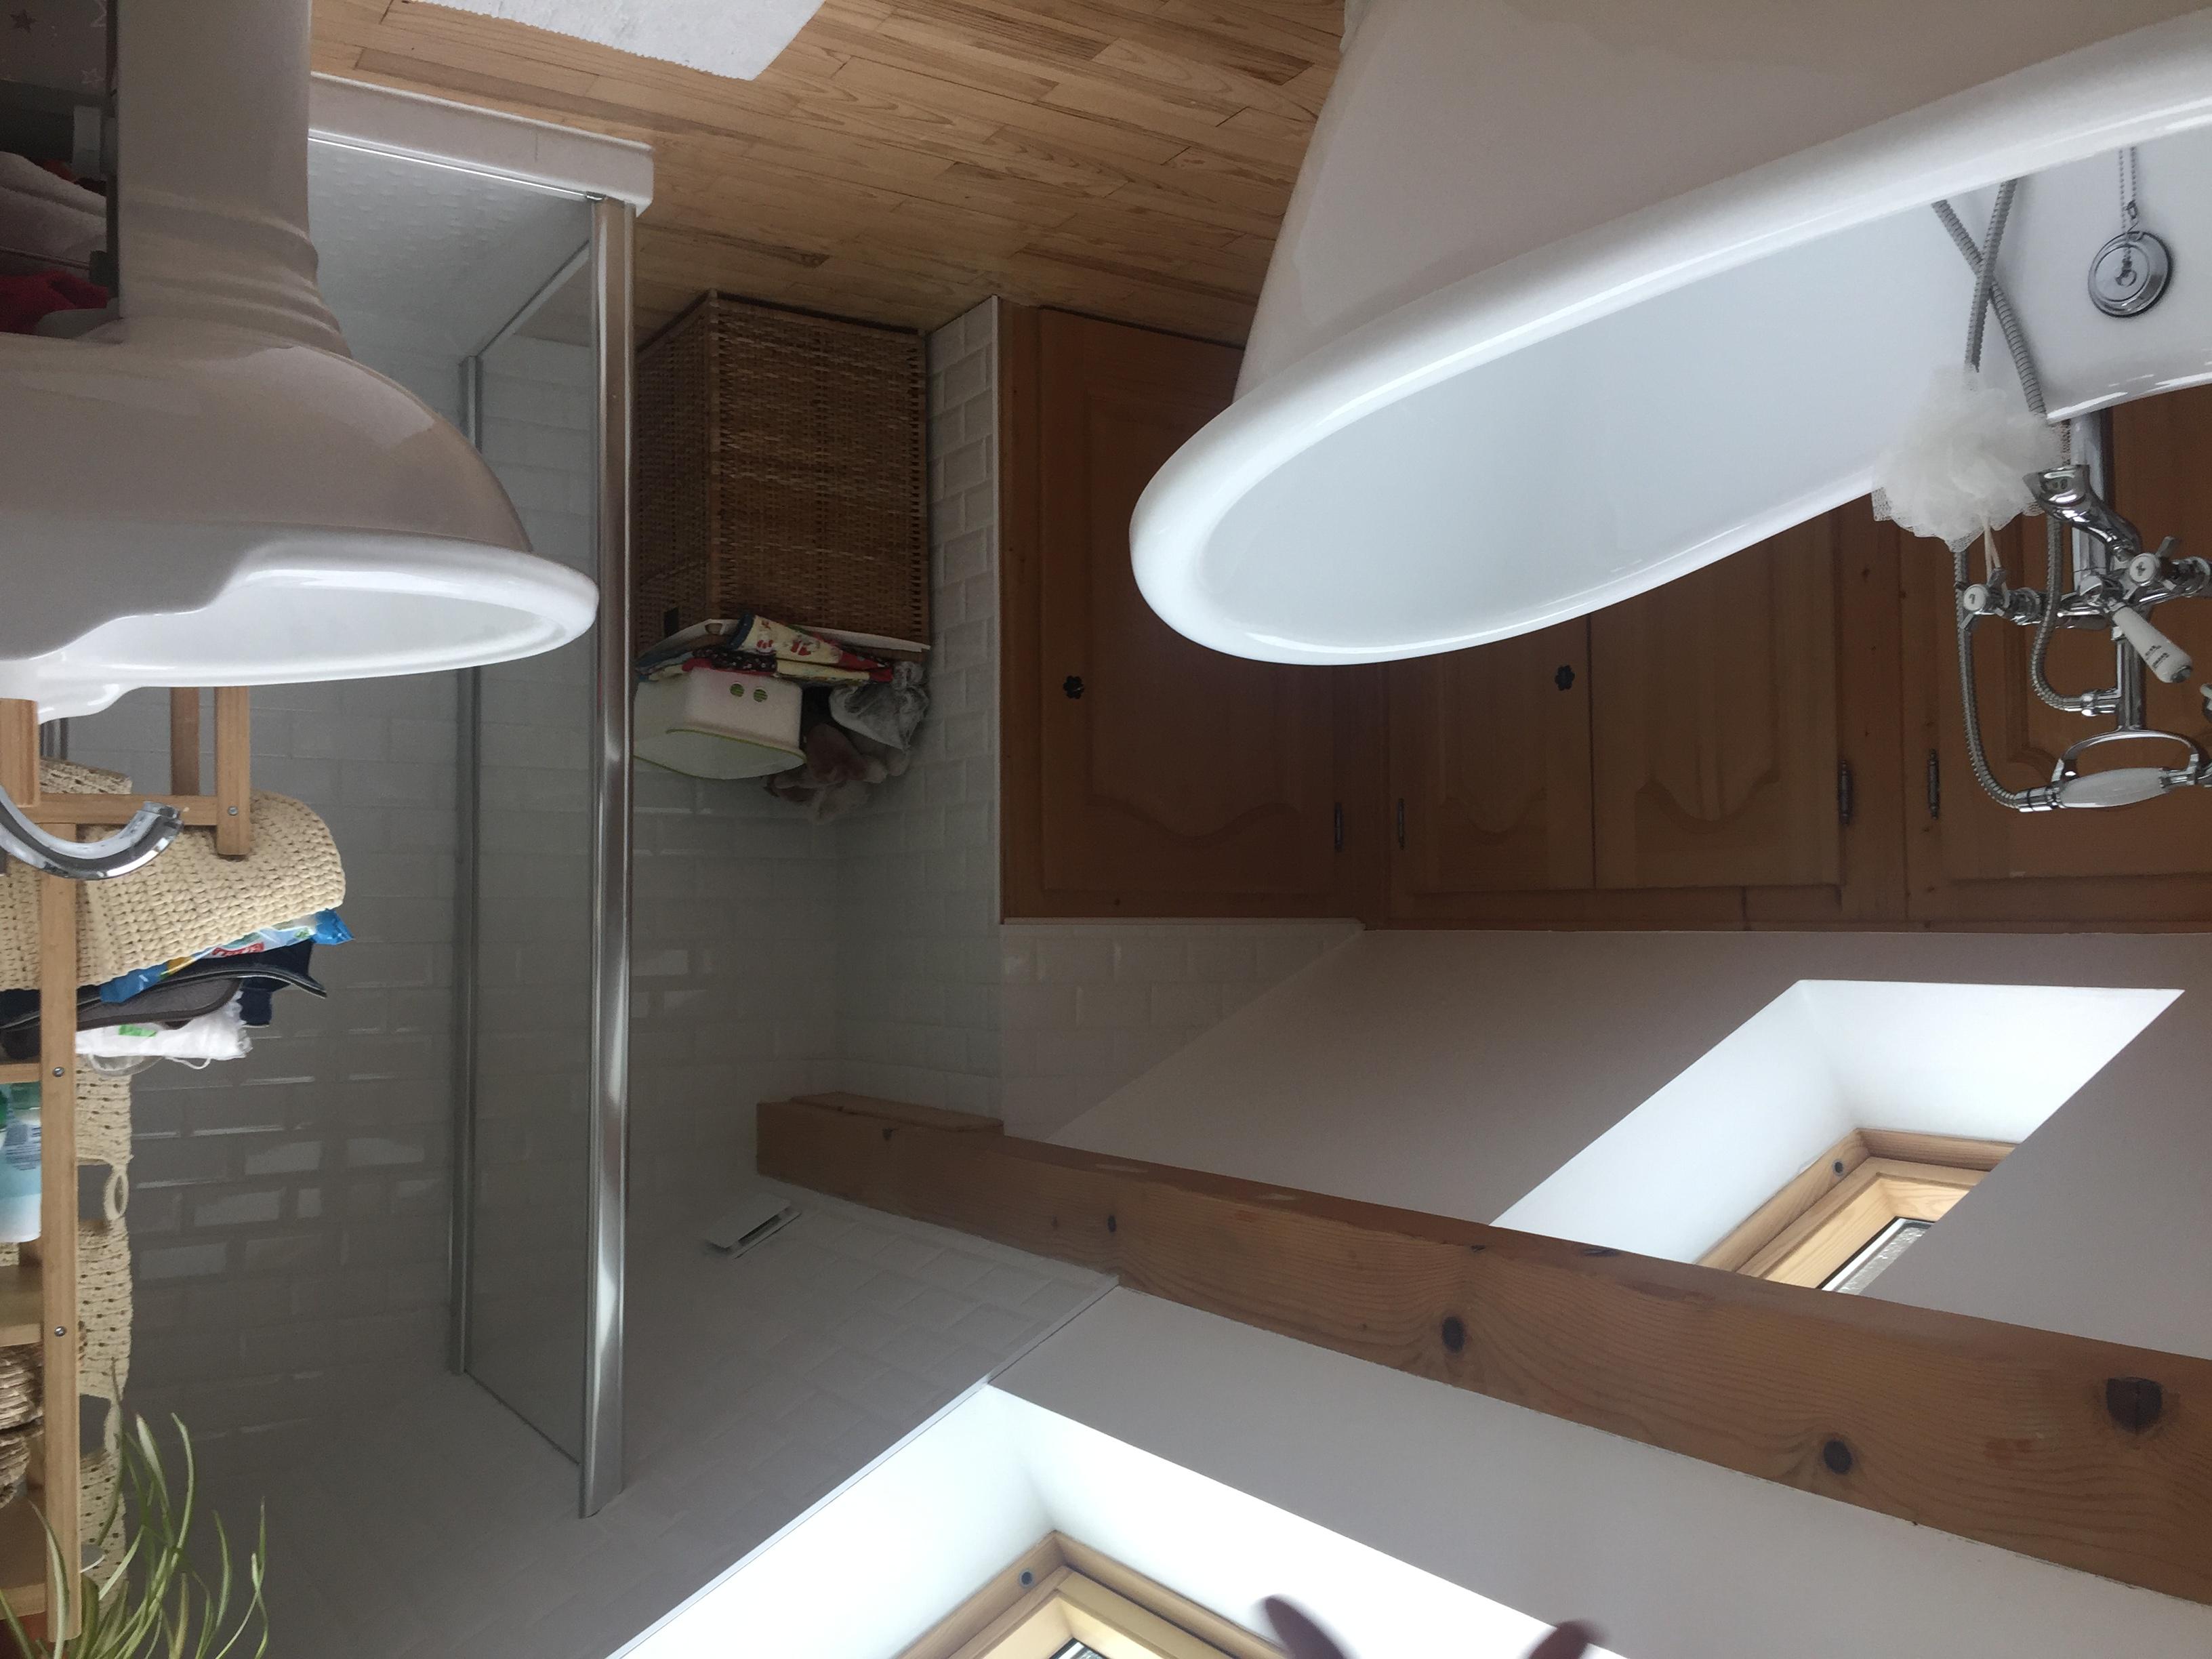 architecture_interior_ain_france